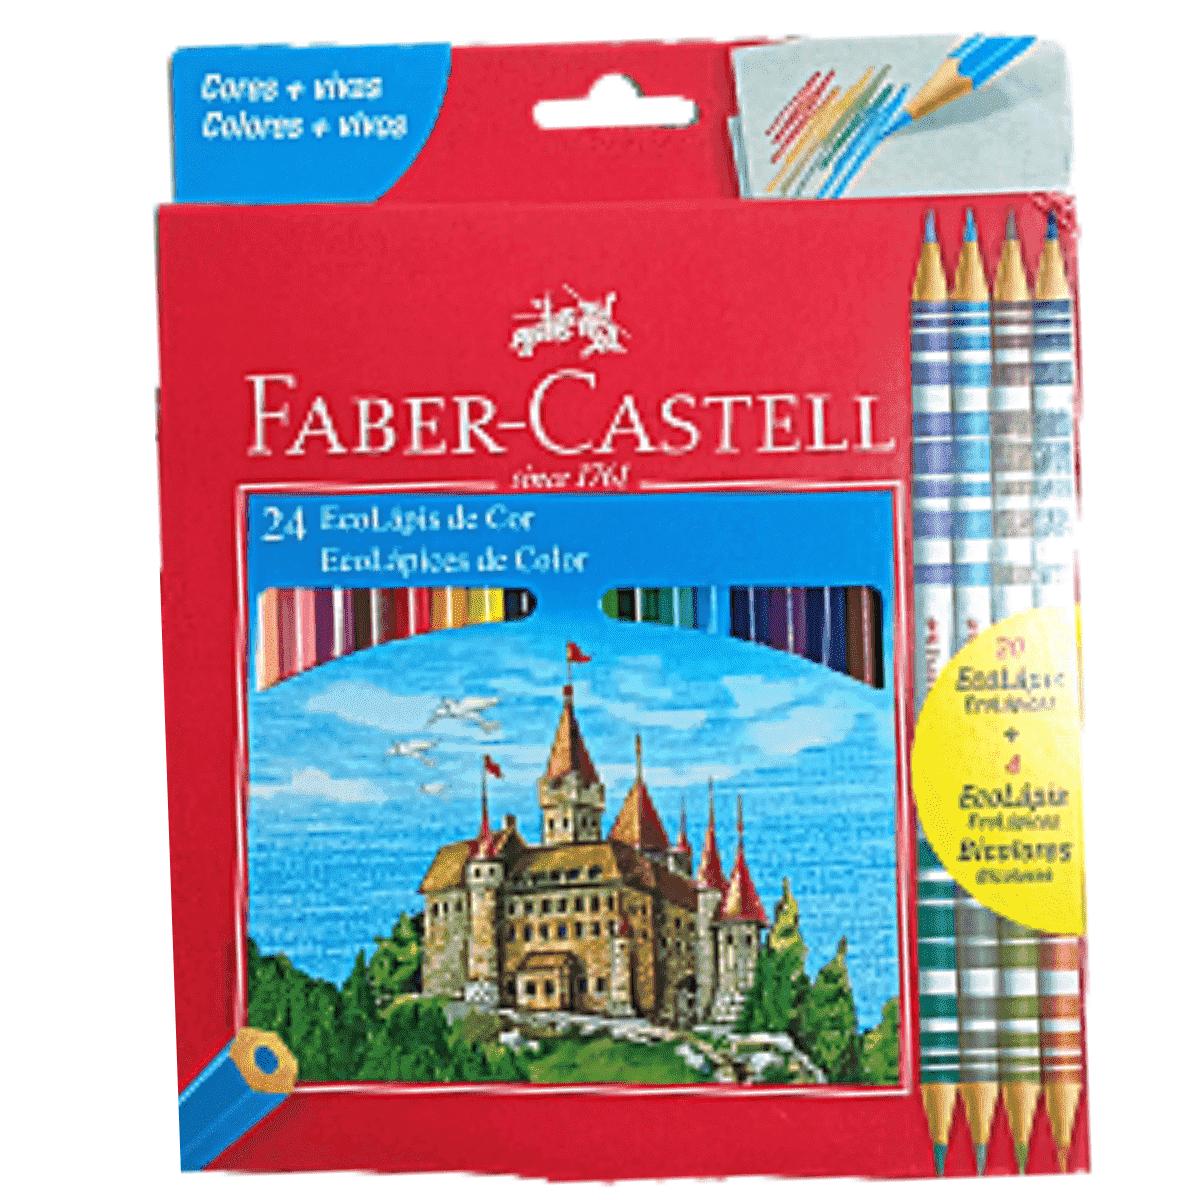 Lapis de cor 24 Cores + 4 lapis bicolor - Faber